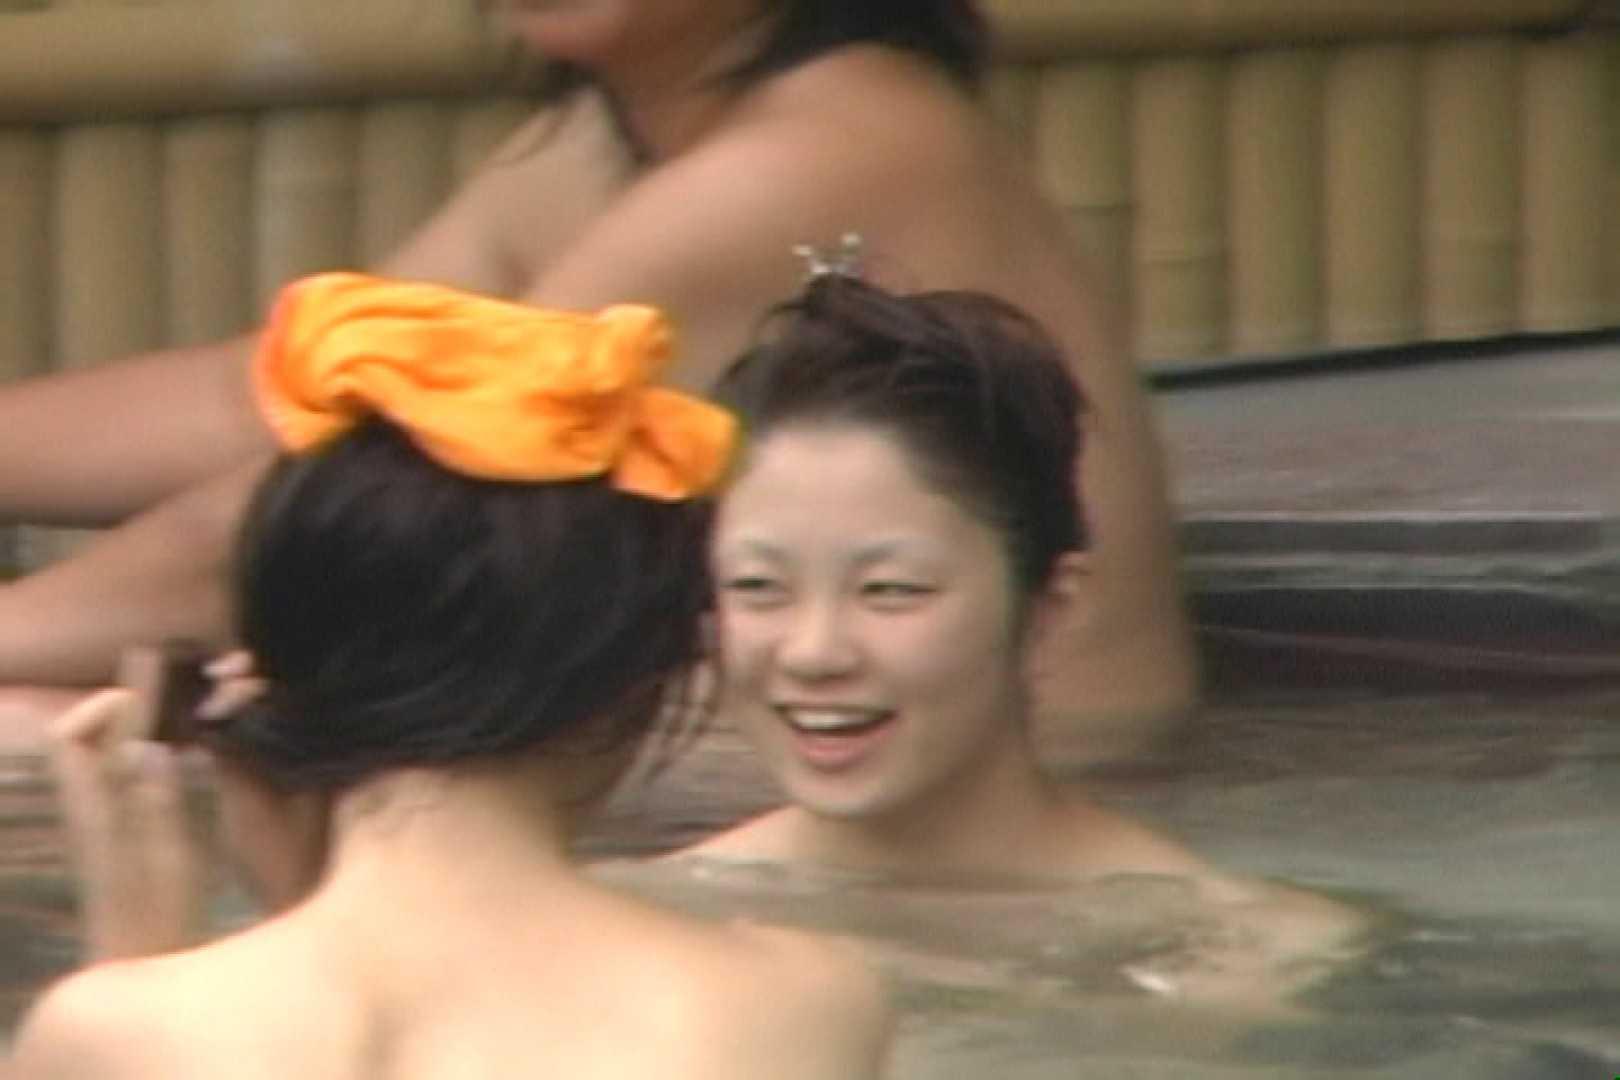 Aquaな露天風呂Vol.40【VIP】 露天風呂 | 盗撮動画  9枚 1